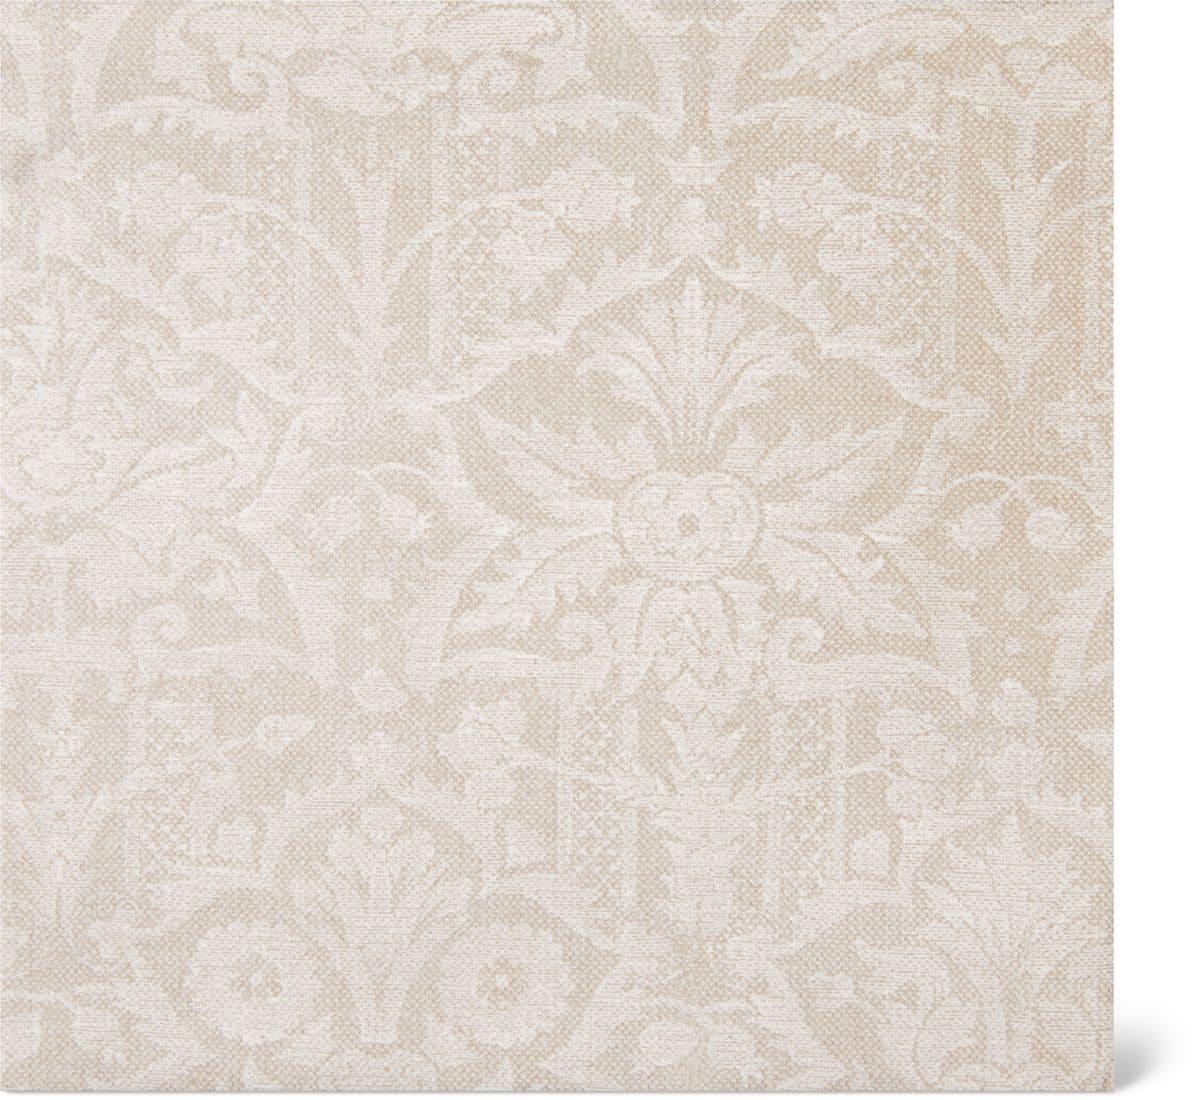 Cucina & Tavola Serviettes Silktouch, 40x40cm